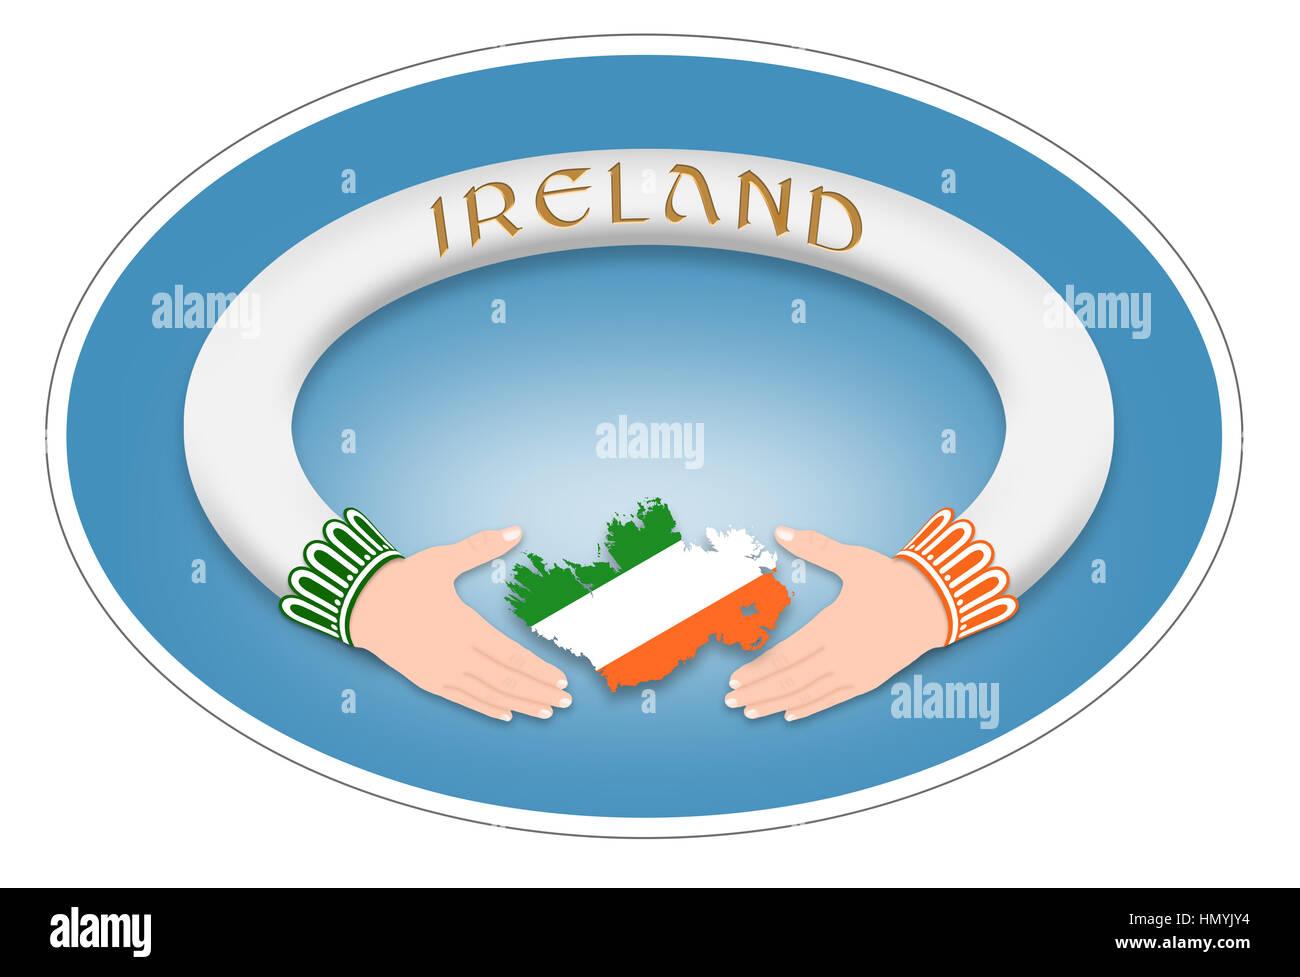 Irish Symbol Irish Ring Stock Photo 133373272 Alamy